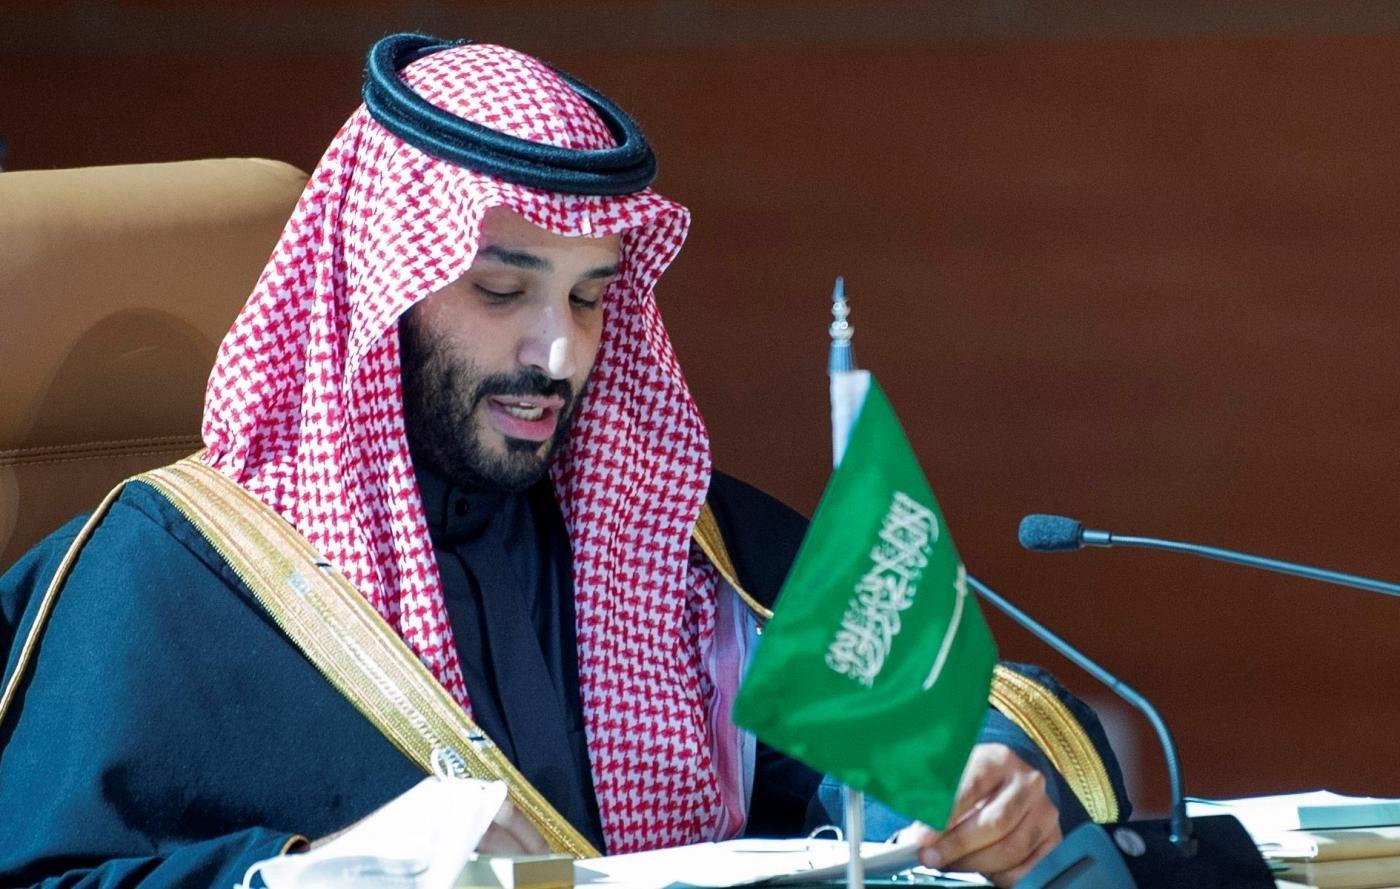 محمد بن سلمان خلال افتتاحه القمة الخليجية في مدينة العلا السعودية في 5 كانون الثاني / يناير الجاري.